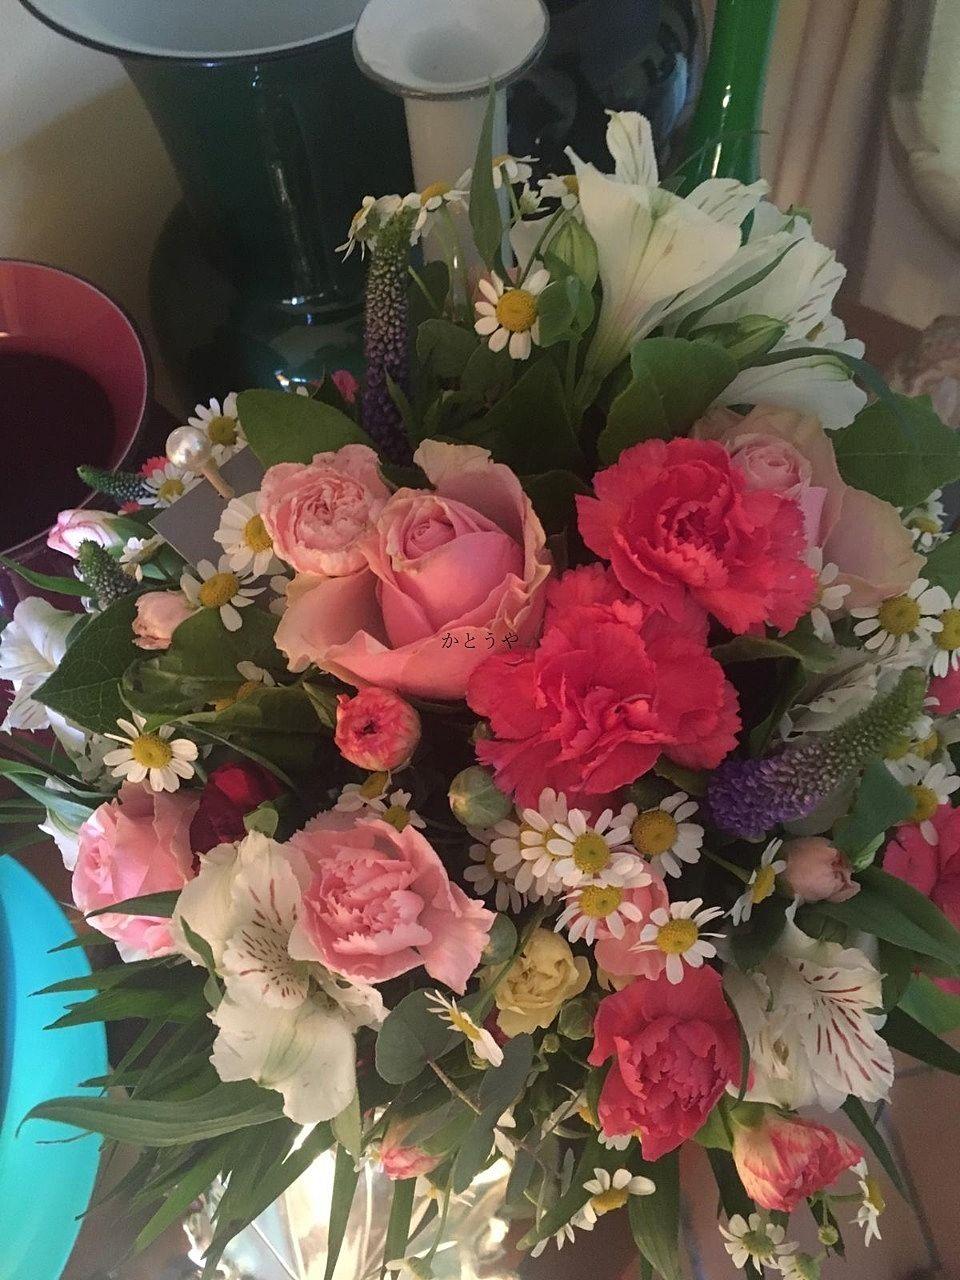 ホストマザーが送ってくれた母の日のお花の写真です。カーネーションいっぱいです。